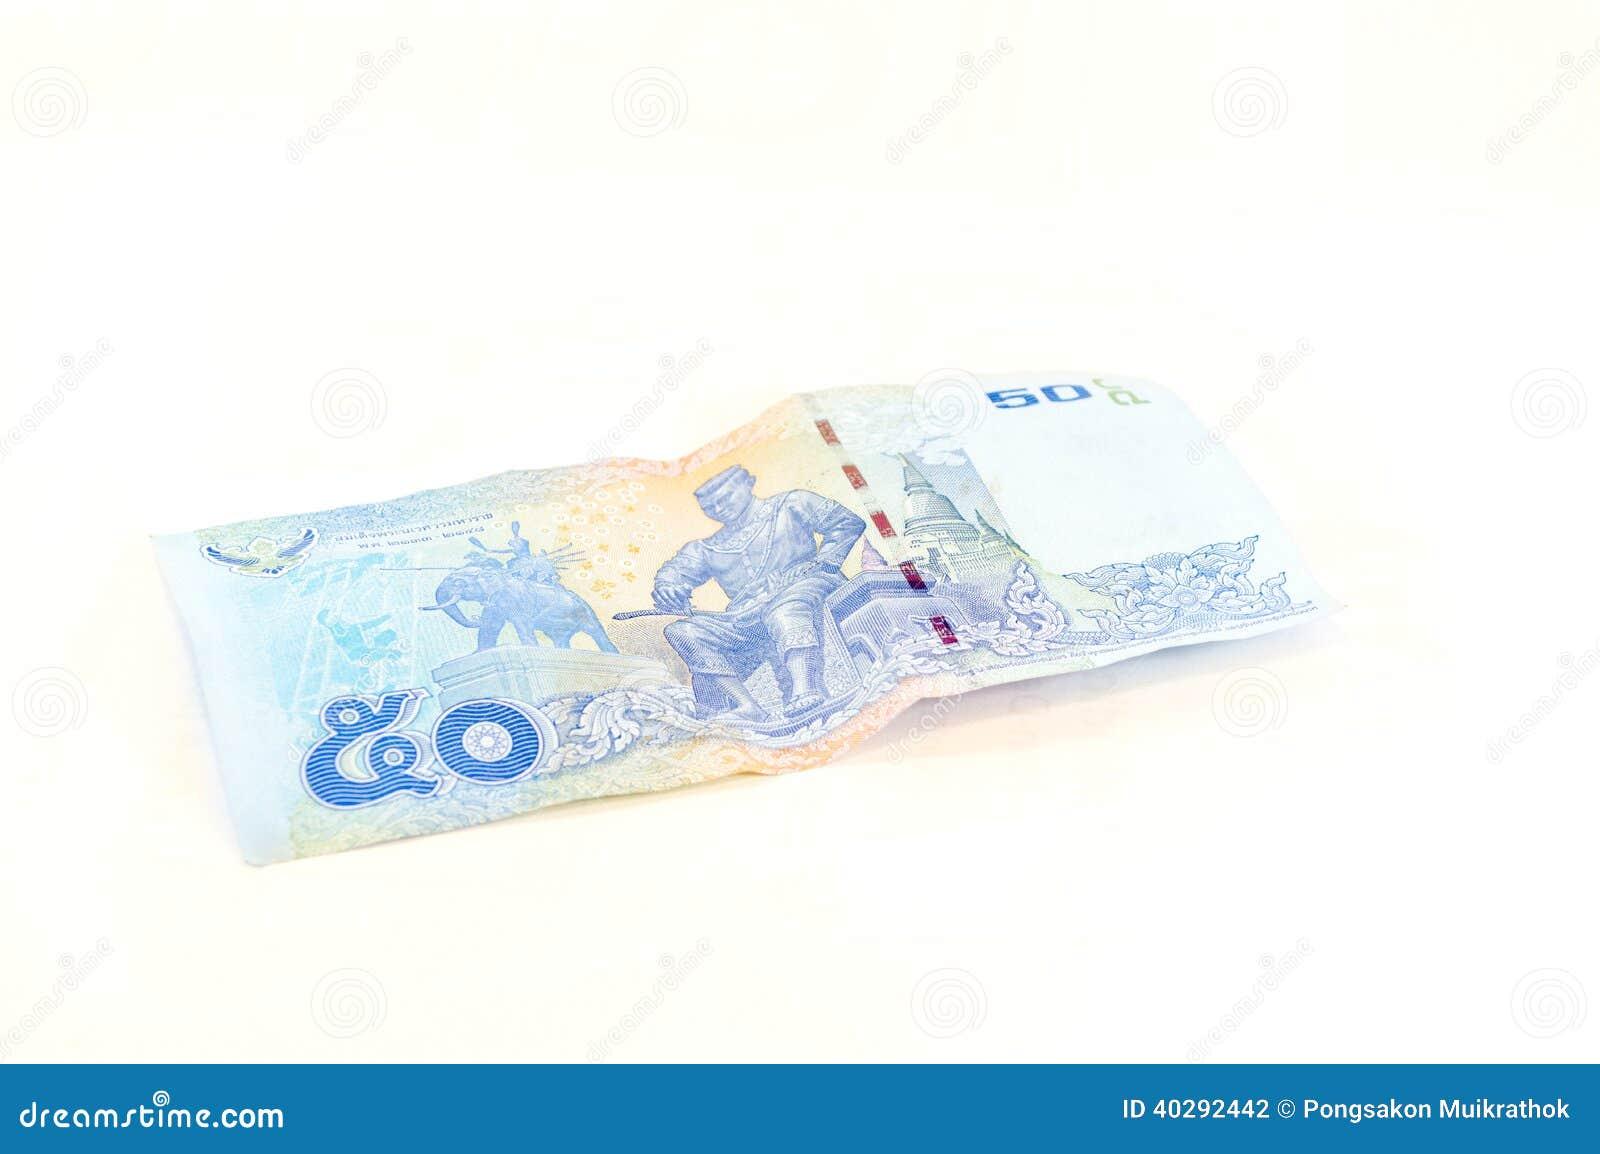 Ванна банкноты 50